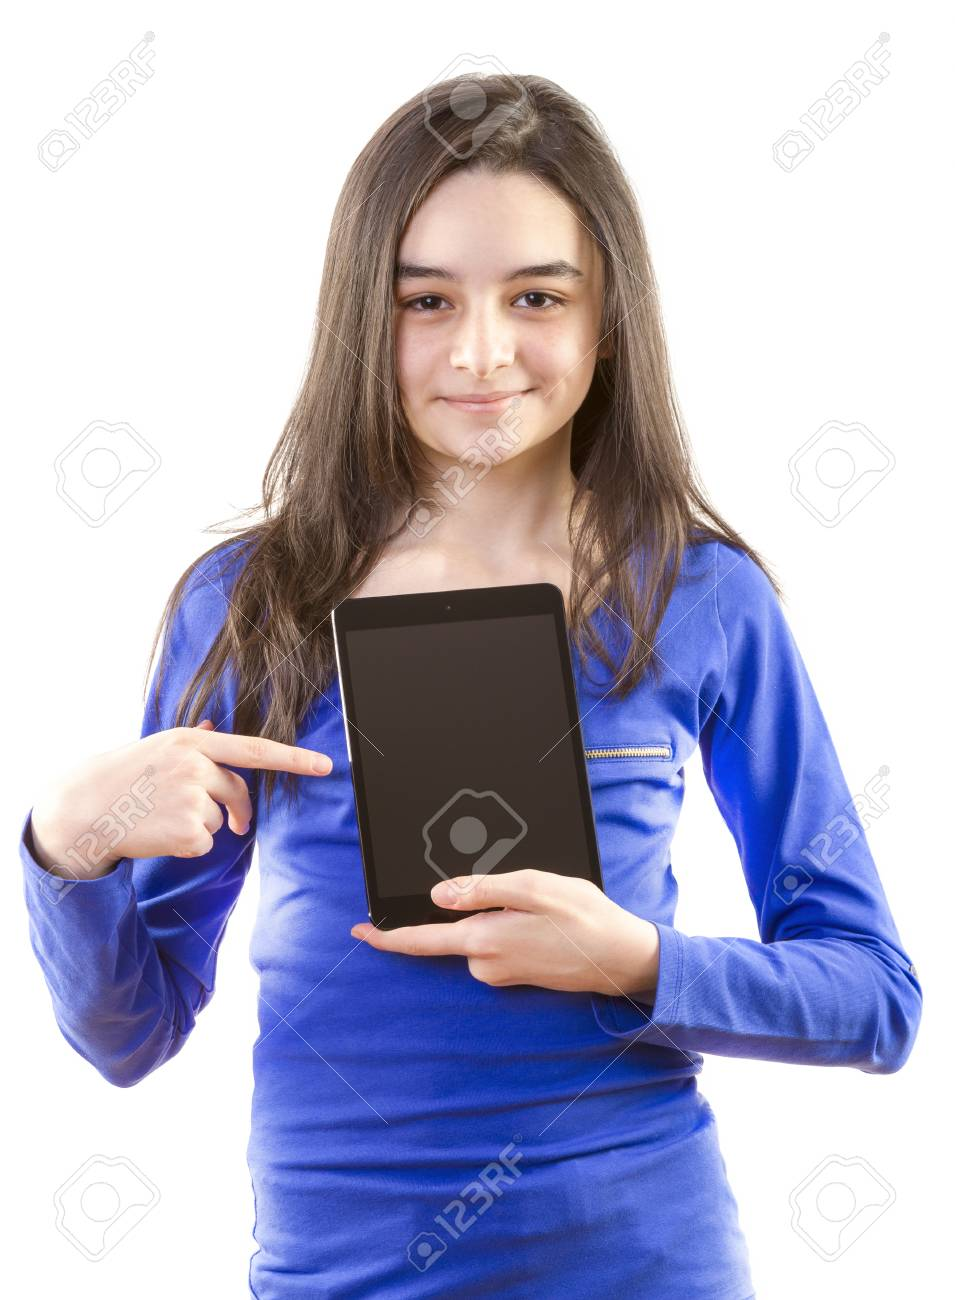 Digital teen girls — 15